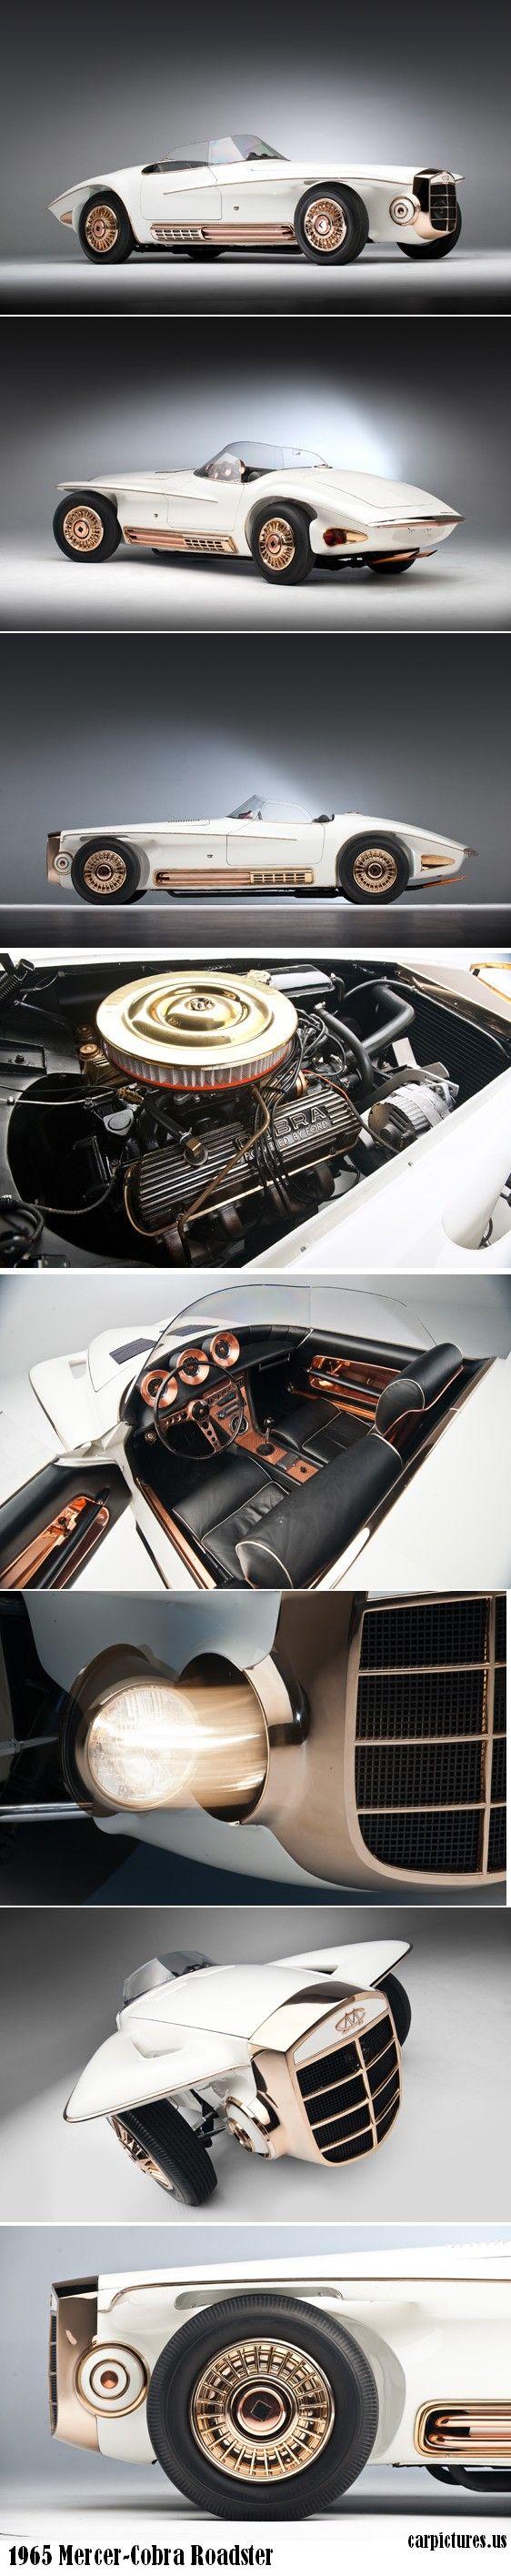 1965 Mercer-Cobra Roadster 289 V8 ✏✏✏✏✏✏✏✏✏✏✏✏✏✏✏✏ AUTRES VEHICULES - OTHER VEHICLES ☞ https://fr.pinterest.com/barbierjeanf/pin-index-voitures-v%C3%A9hicules/ ══════════════════════ BIJOUX ☞ https://www.facebook.com/media/set/?set=a.1351591571533839&type=1&l=bb0129771f ✏✏✏✏✏✏✏✏✏✏✏✏✏✏✏✏